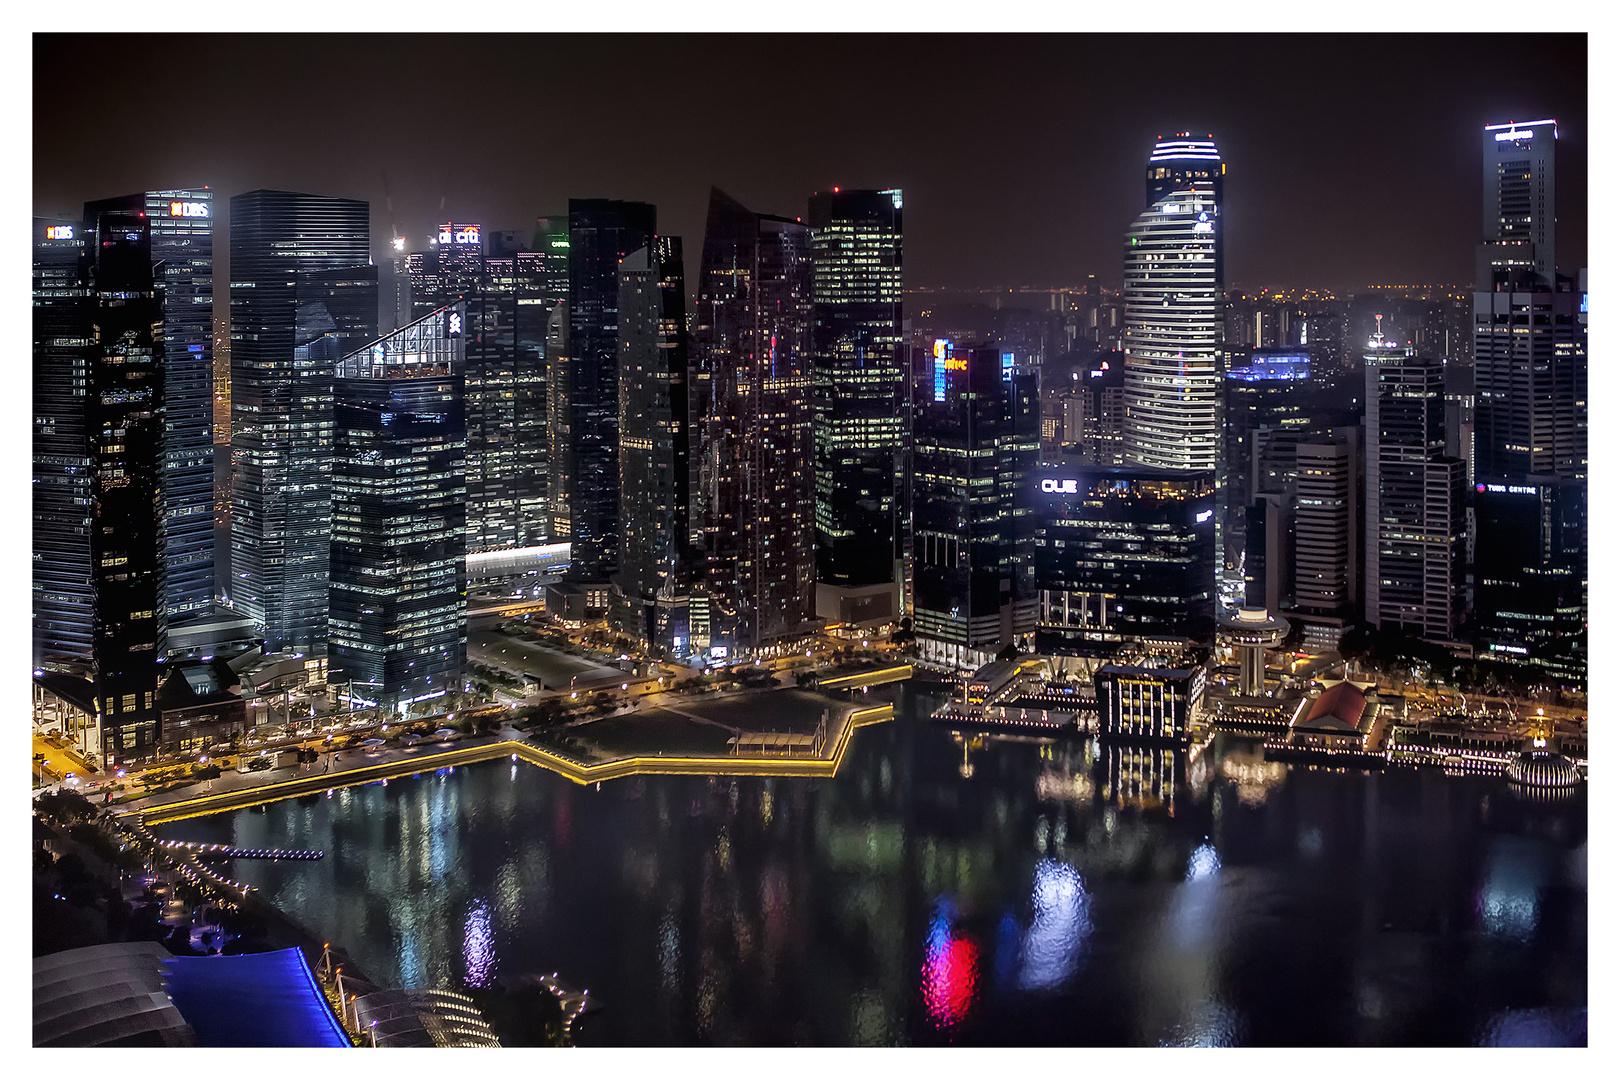 Singarpore at night